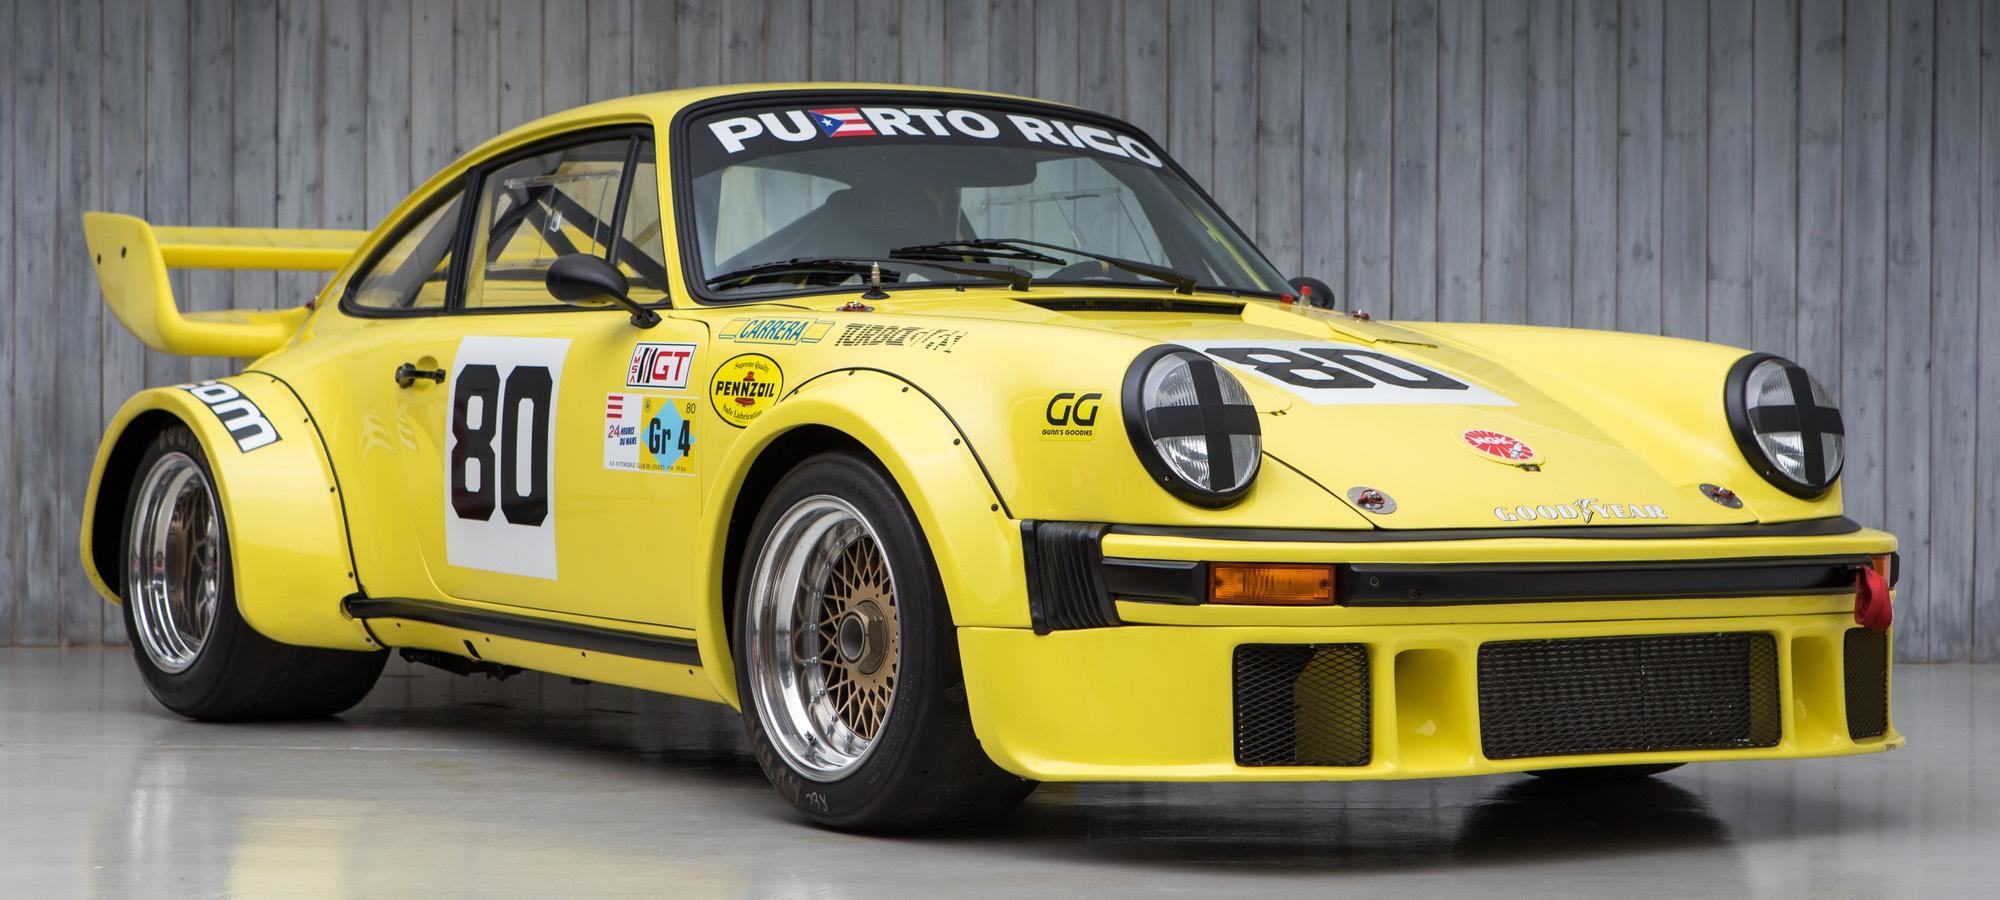 The Ex - Le Mans 24 Hours, Daytona 24 Hours, Multiple Sebring 12 Hours 1976 Porsche 934 Turbo RSR